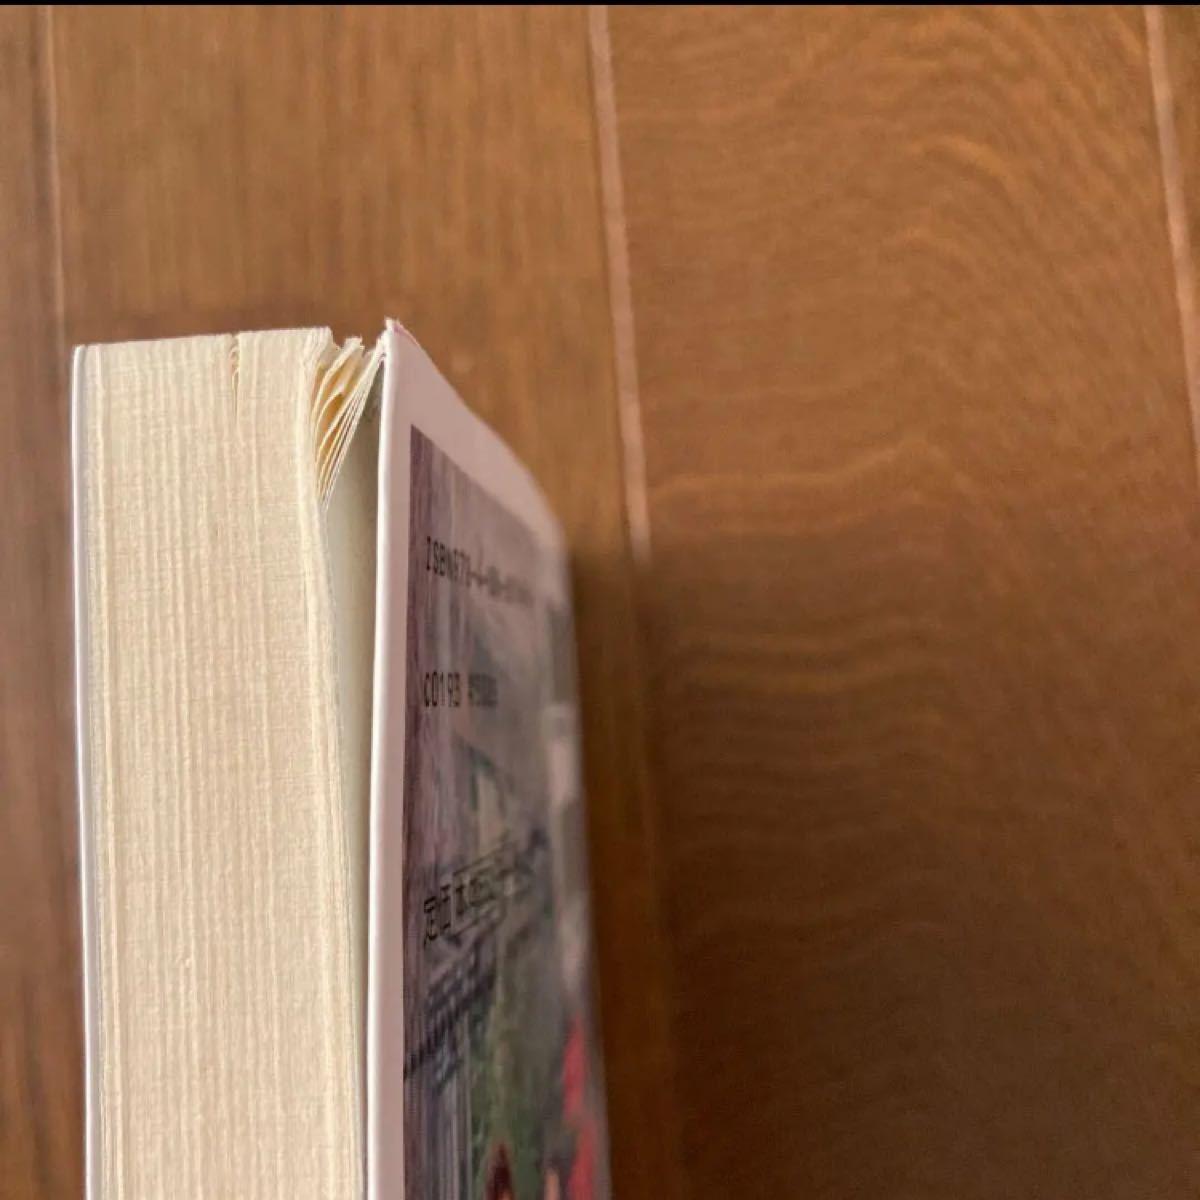 「通学路 君と僕の部屋」ショップ内文庫本2冊400円 6冊1000円